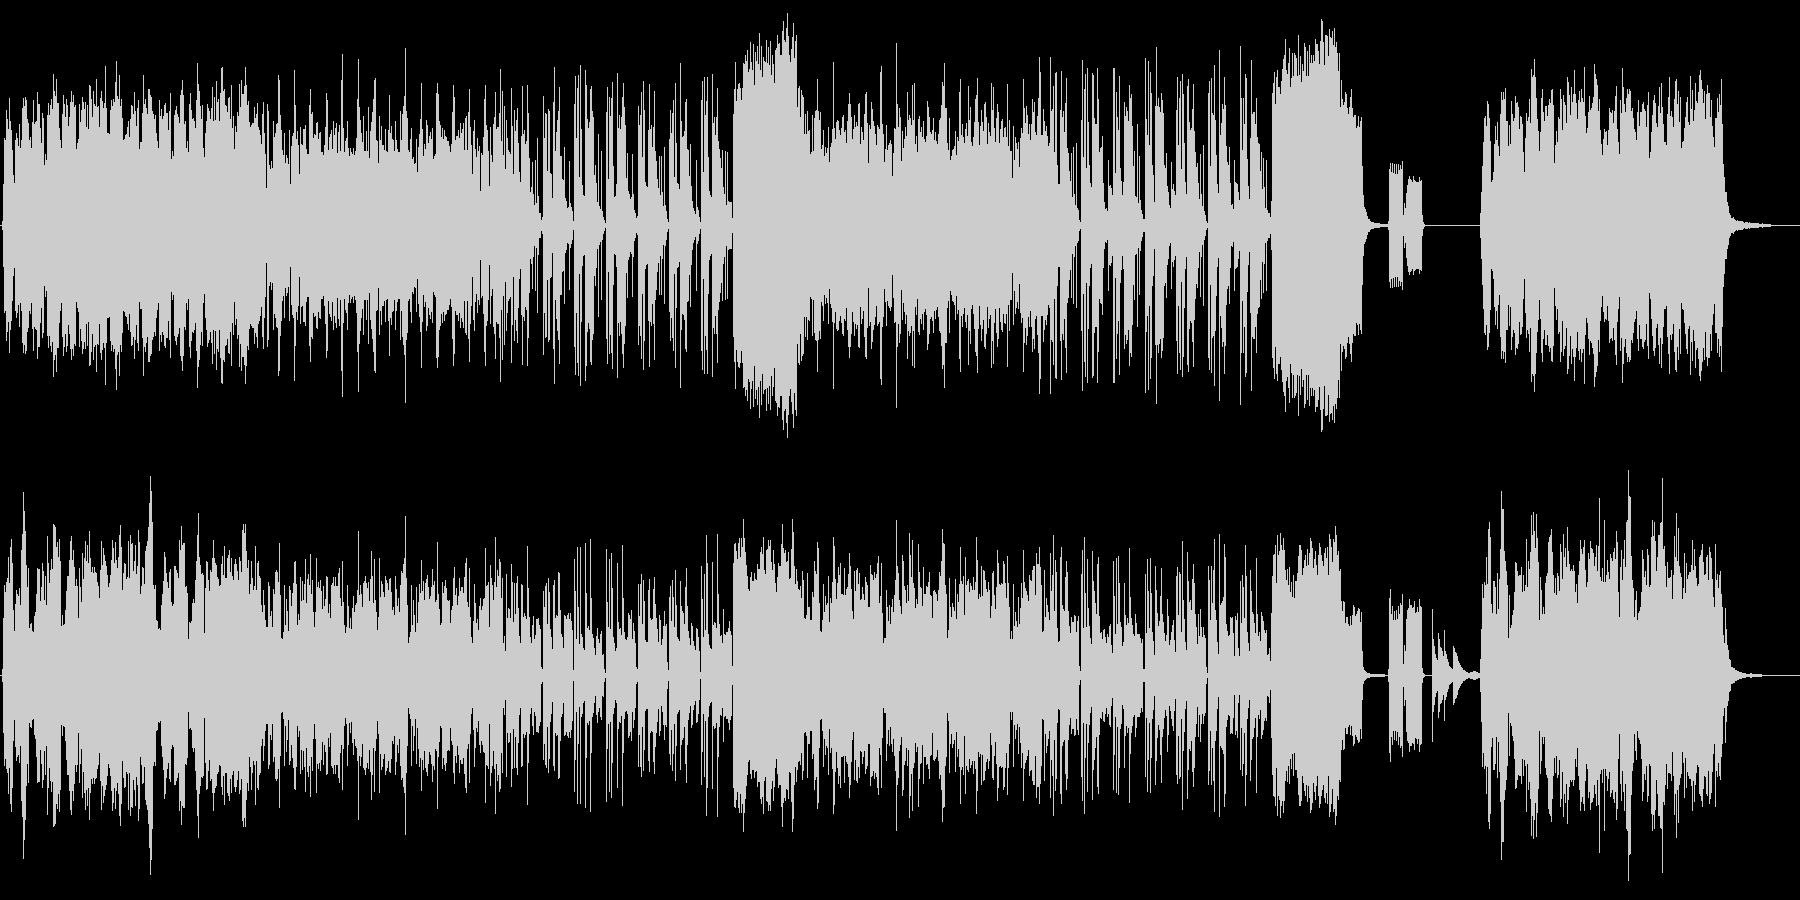 【動物・子供向け】アコーディオンのBGMの未再生の波形